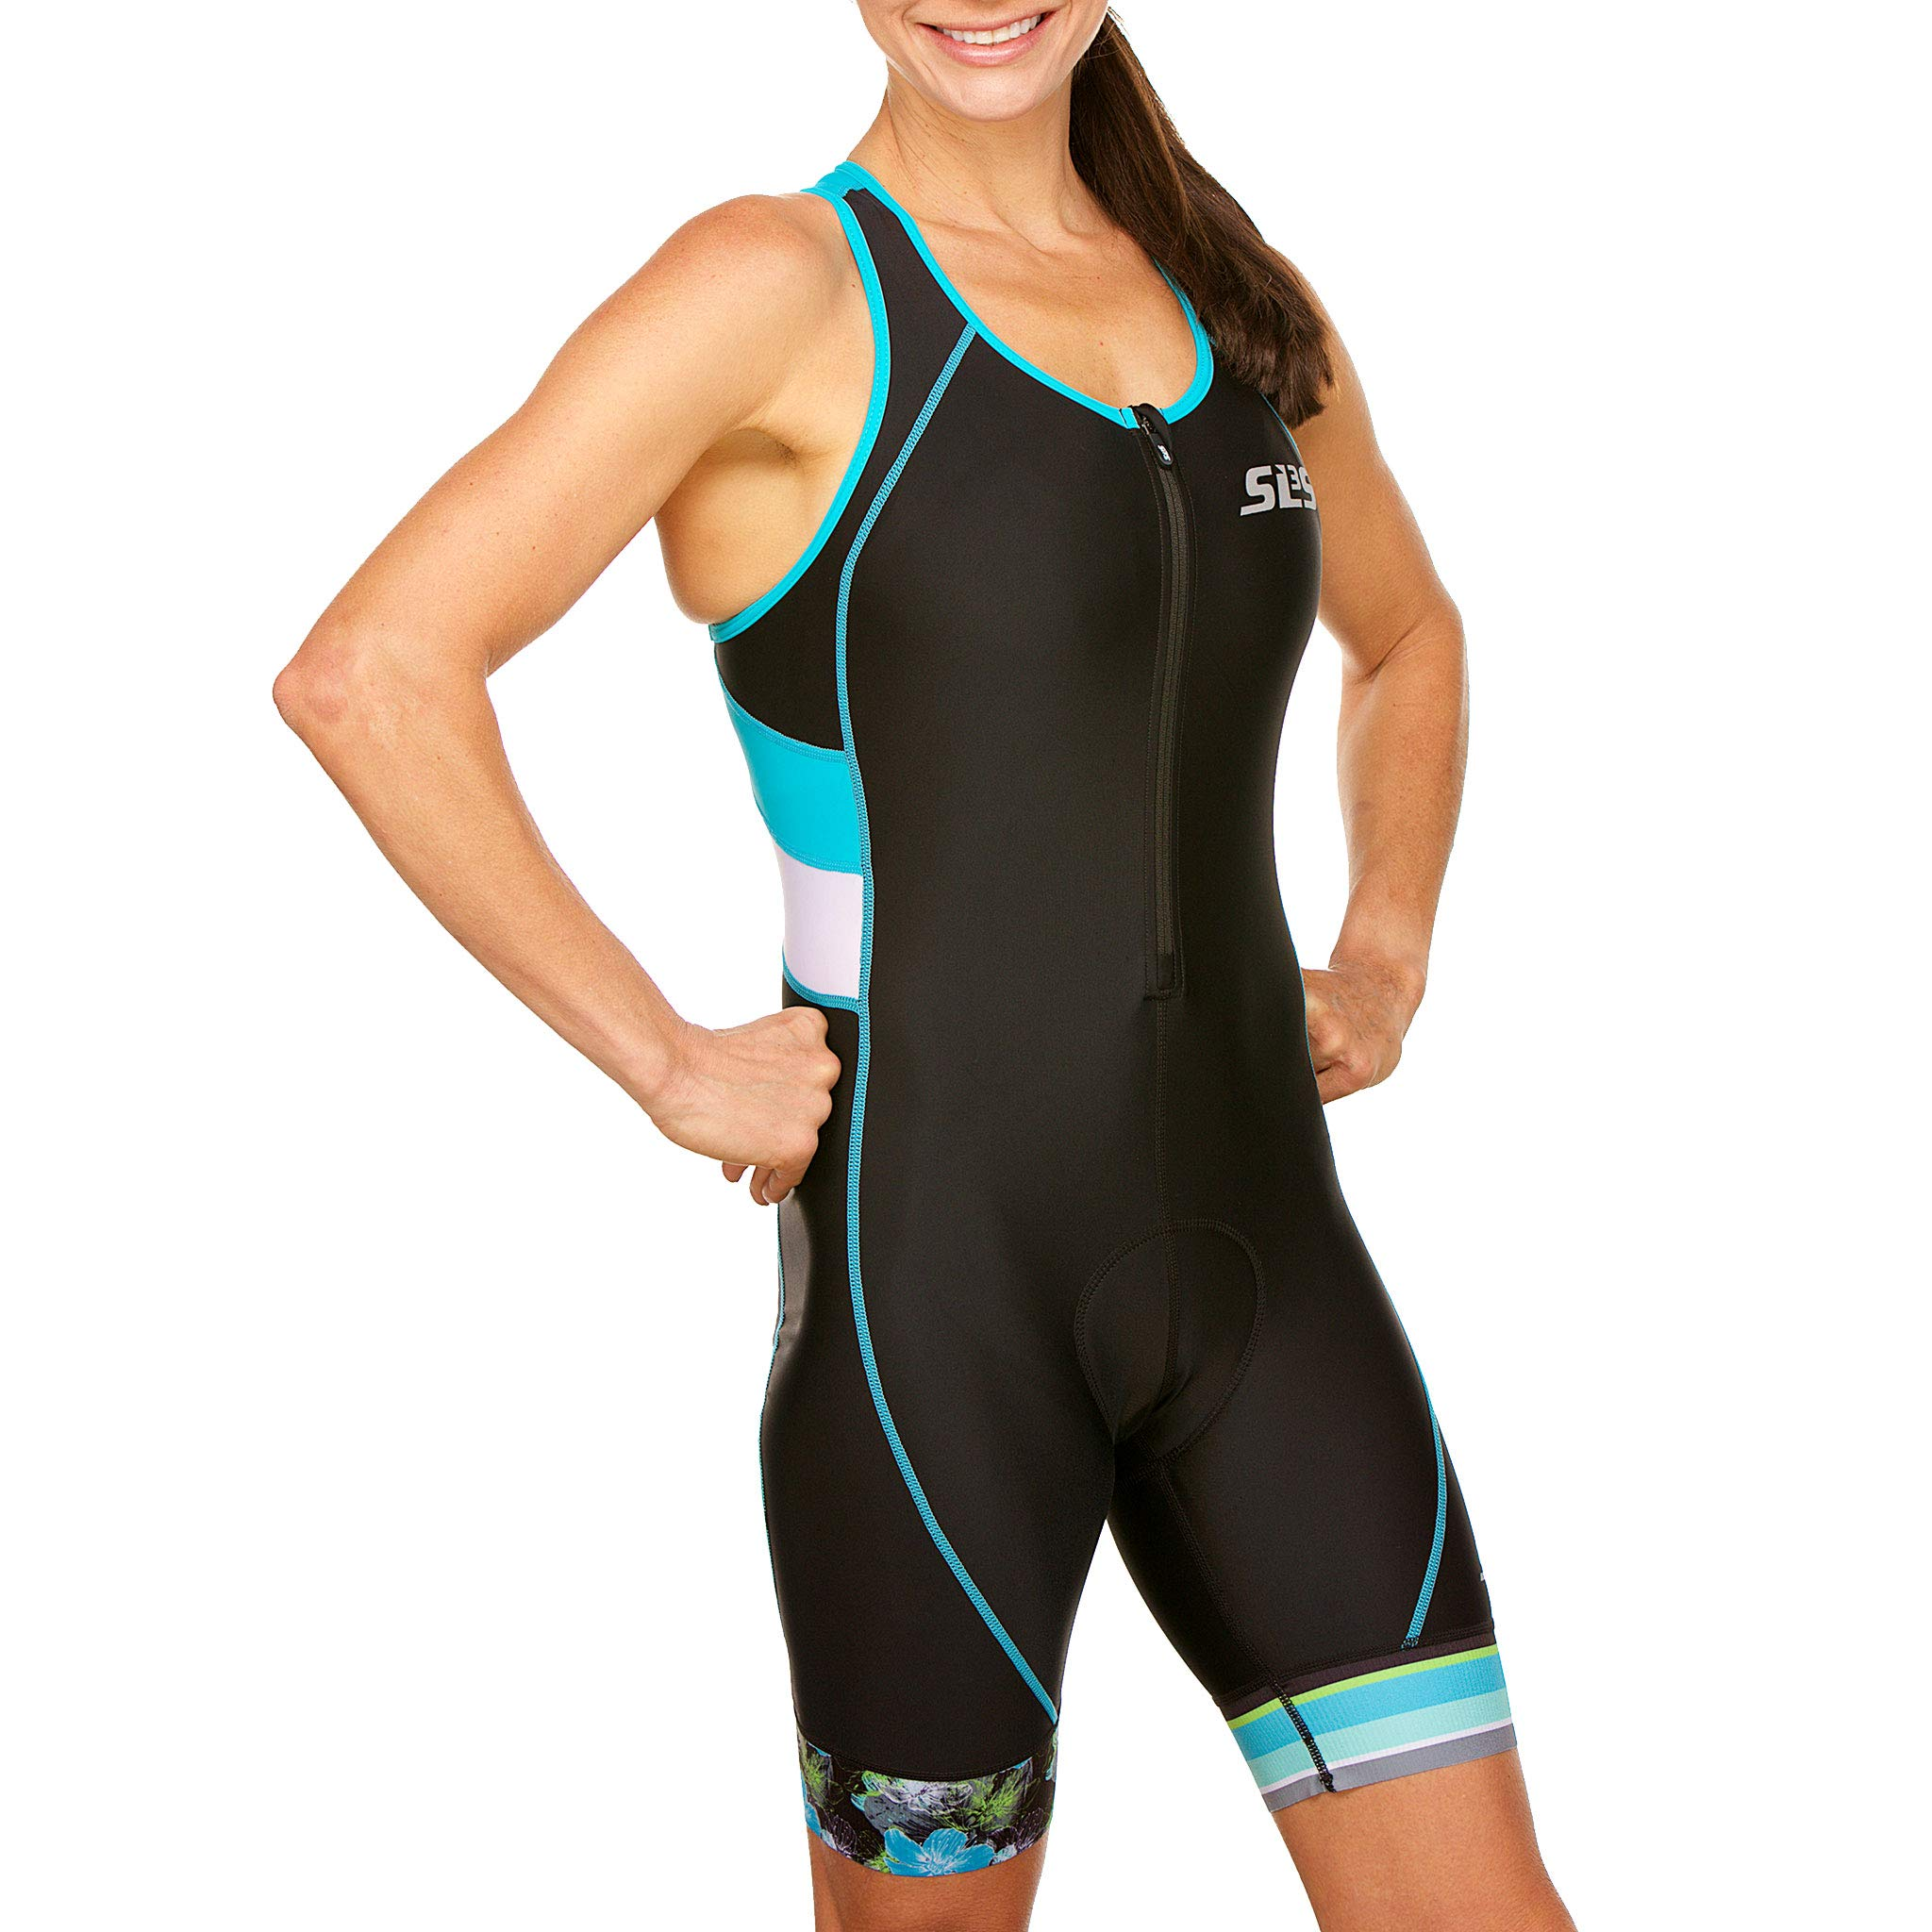 SLS3 Women`s Triathlon Suit FX | Womens Trisuits | 1 Pocket Triathlon Gear Suits Women | Anti-Friction Seams Womens Tri Suit | German Designed (Black/Martinica Blue, XL) by SLS3 (Image #5)